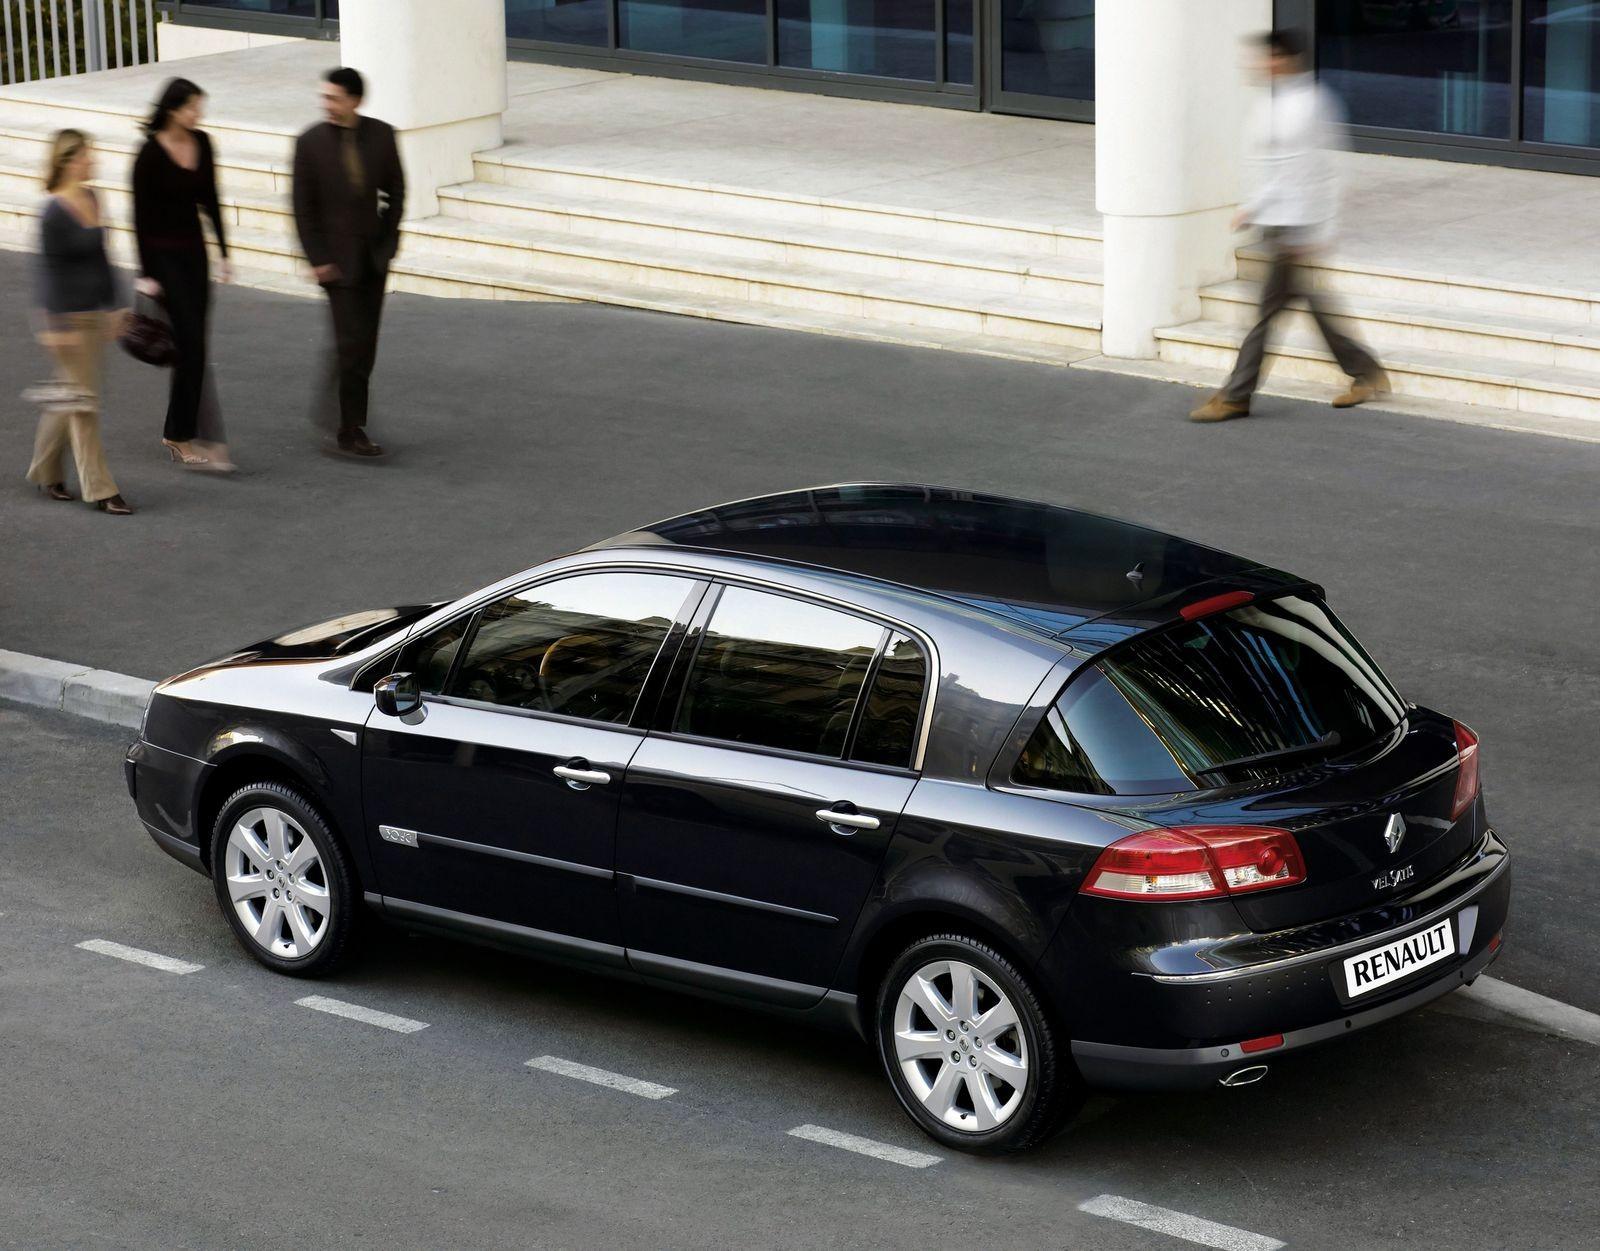 Задолго до Panamera: стоит ли покупать Renault Vel Satis за 450 тысяч рублей